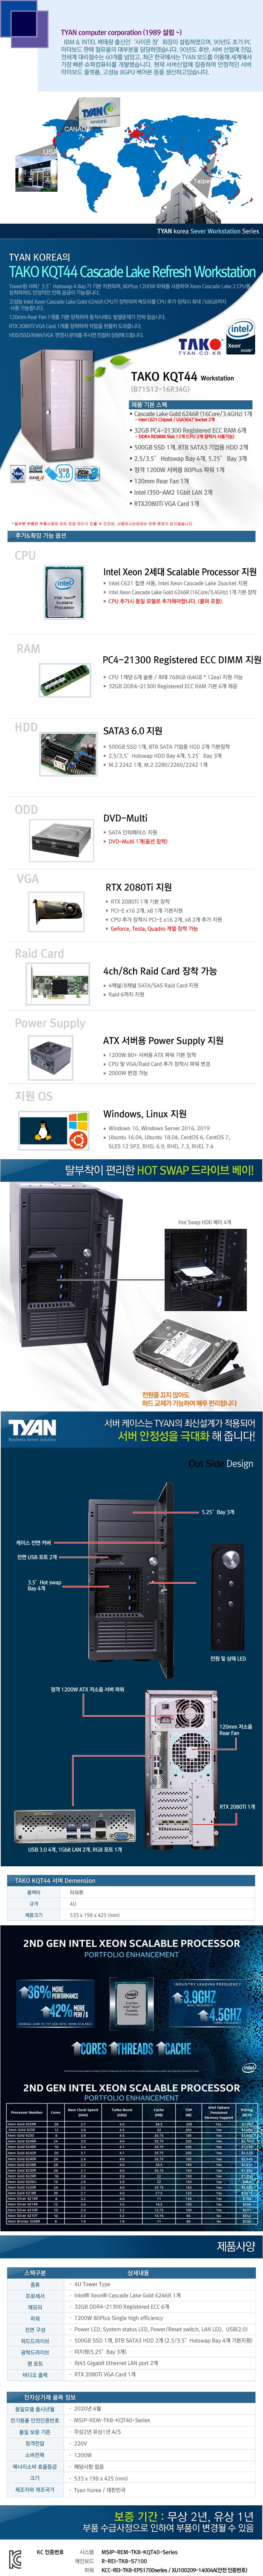 TYAN TAKO-KQT44-(B71S12-16R34G) (192GB, SSD 500GB + 16TB)